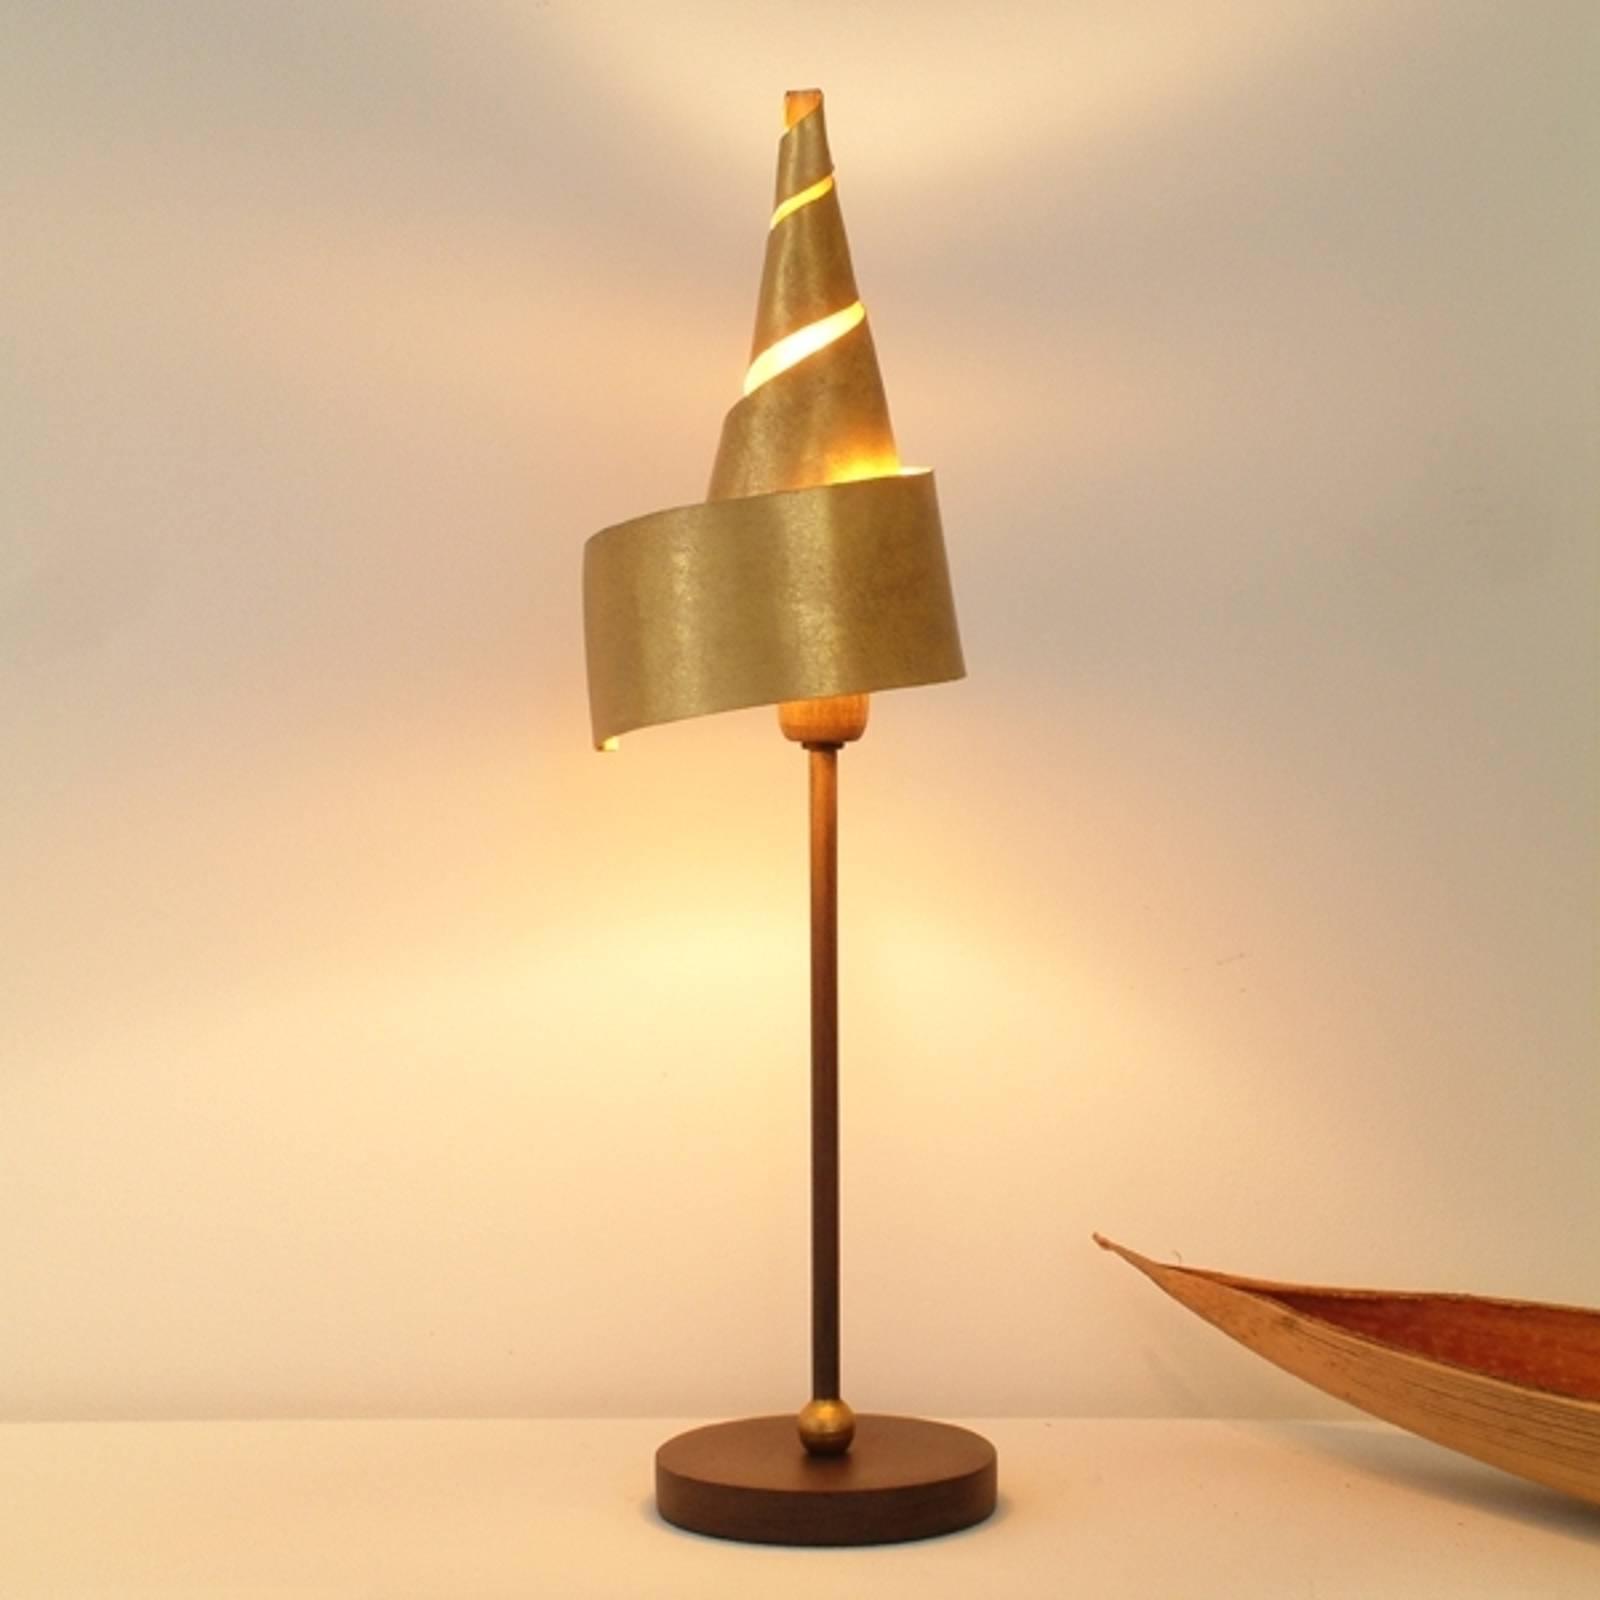 Goldene Tischleuchte ZAUBERHUT mit Metallschirm